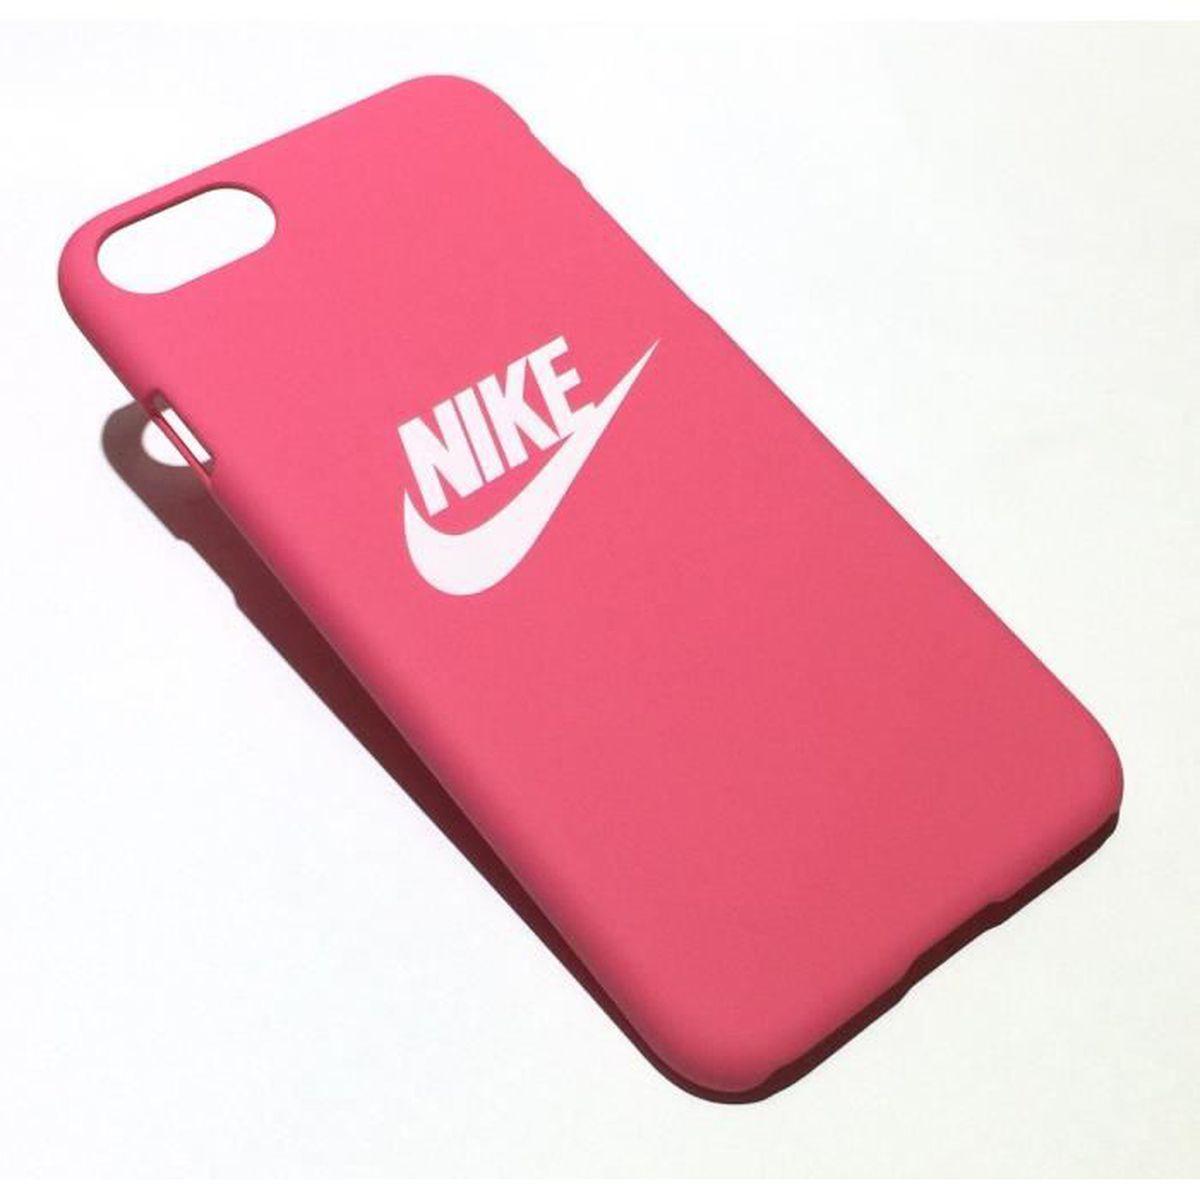 nike coque apple iphone 7 7s 4 7 rose rough achat coque bumper pas cher avis et meilleur. Black Bedroom Furniture Sets. Home Design Ideas